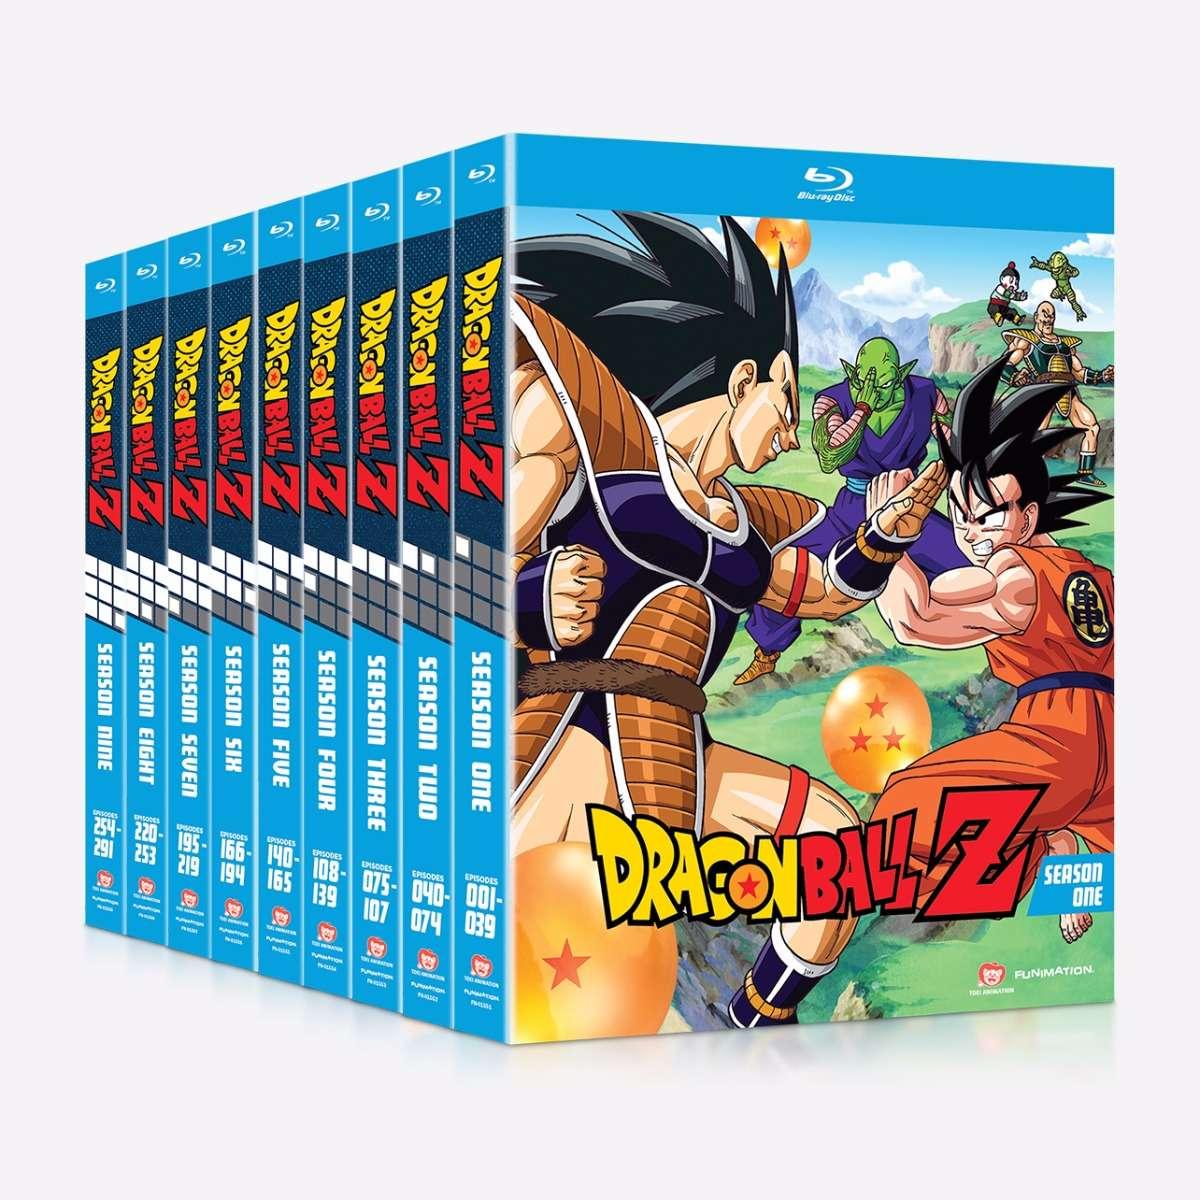 Dragon Ball Z - Season One - Season Nine Bundle home-video